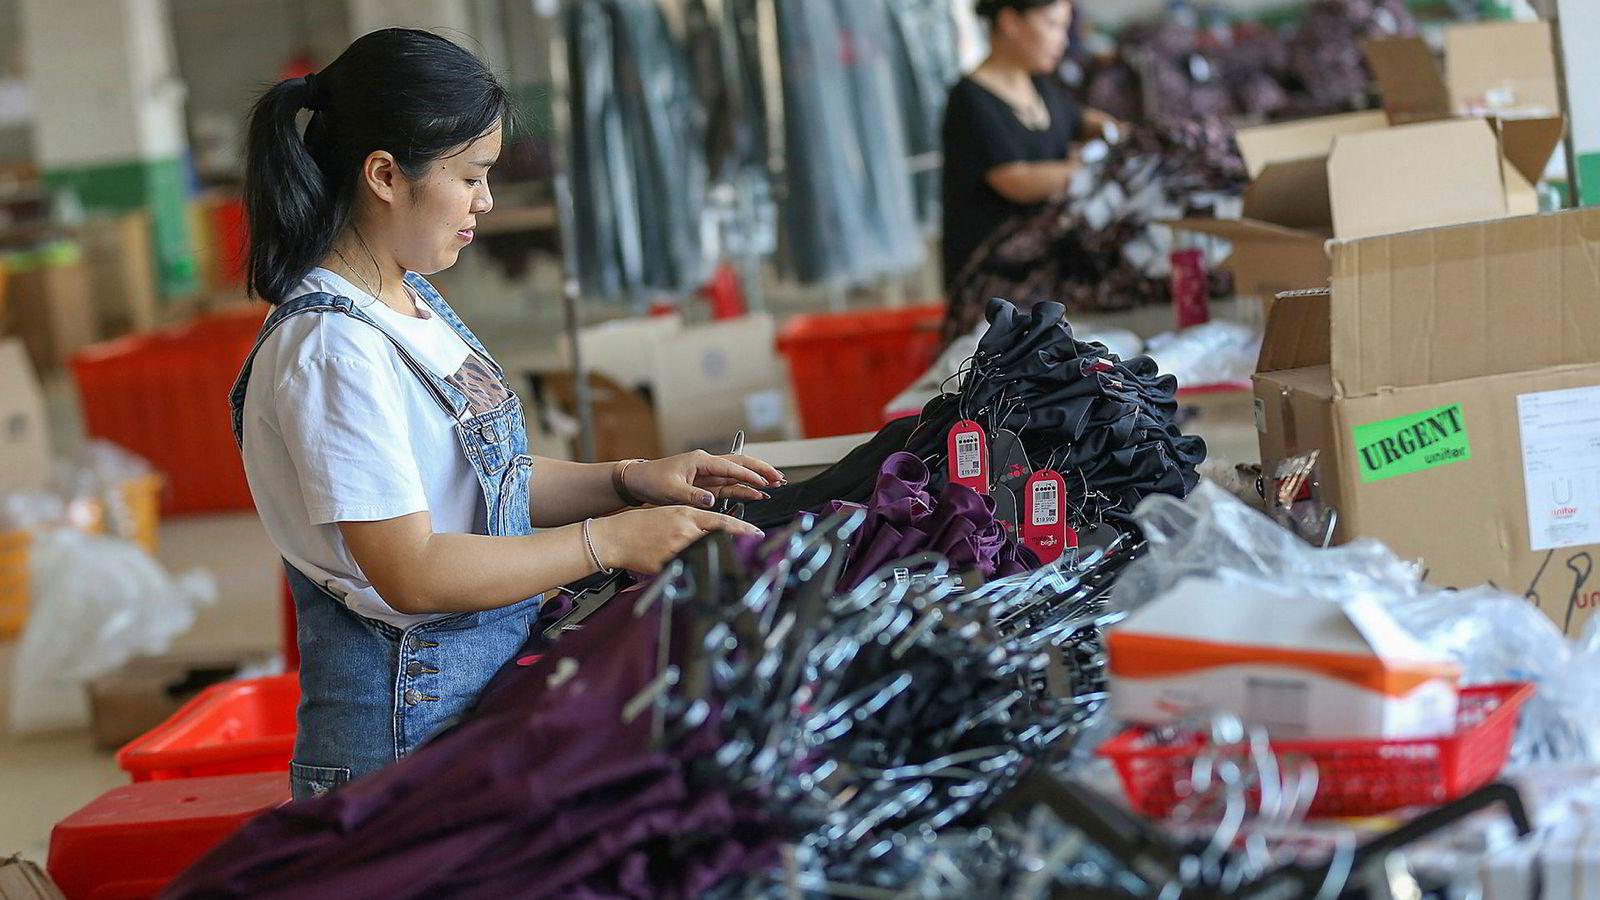 Den kinesiske tekstil- og møbelindustrien er hardt rammet av den ett år gamle handelskrigen mellom USA og Kina. Det er ordretørke hos kinesiske møbelprodusenter.